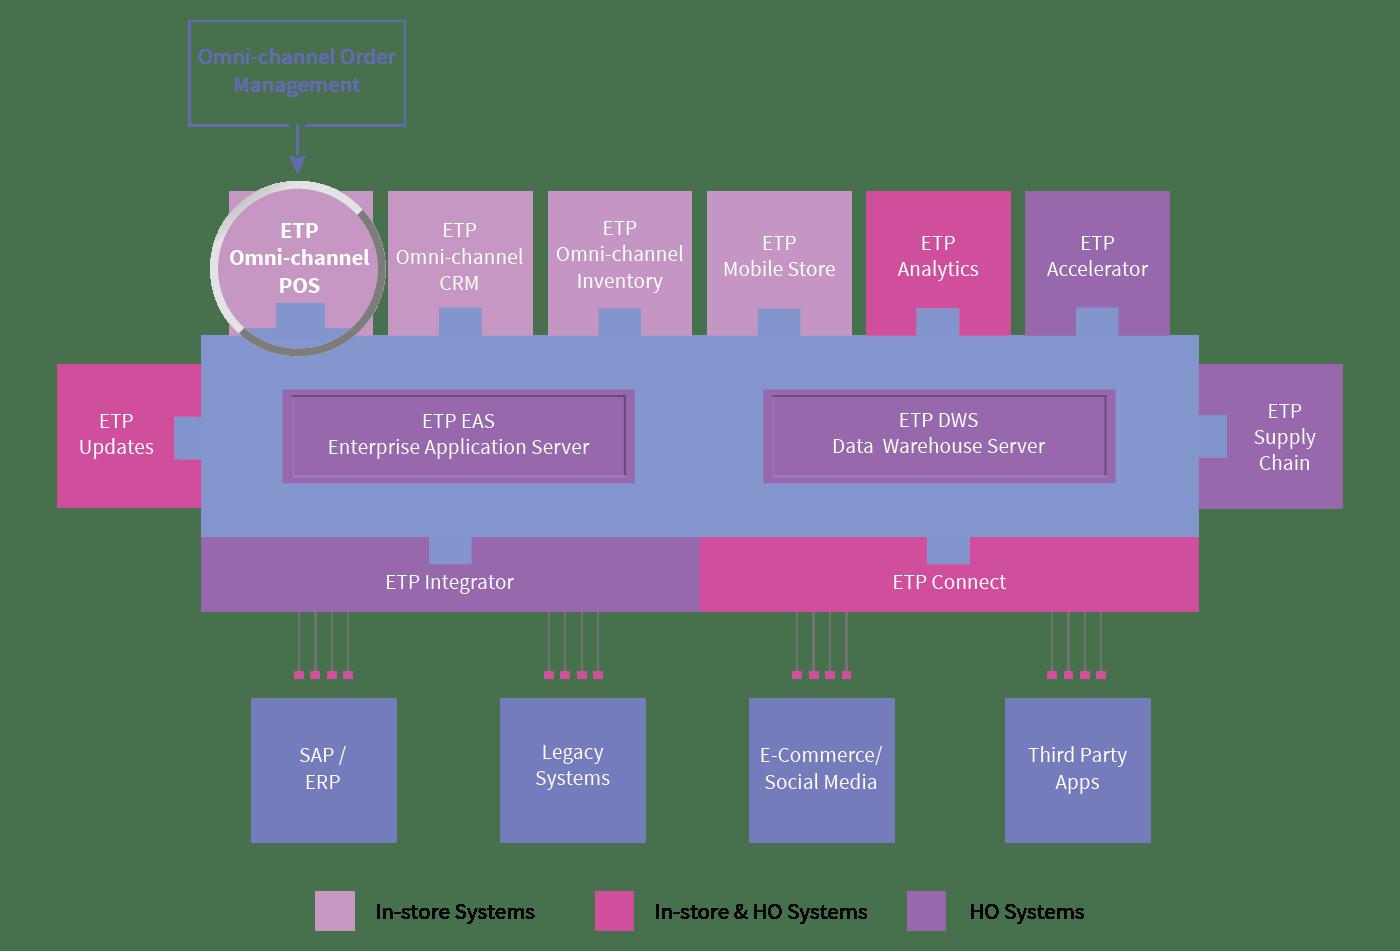 etp-omni-channel-pos-order-management